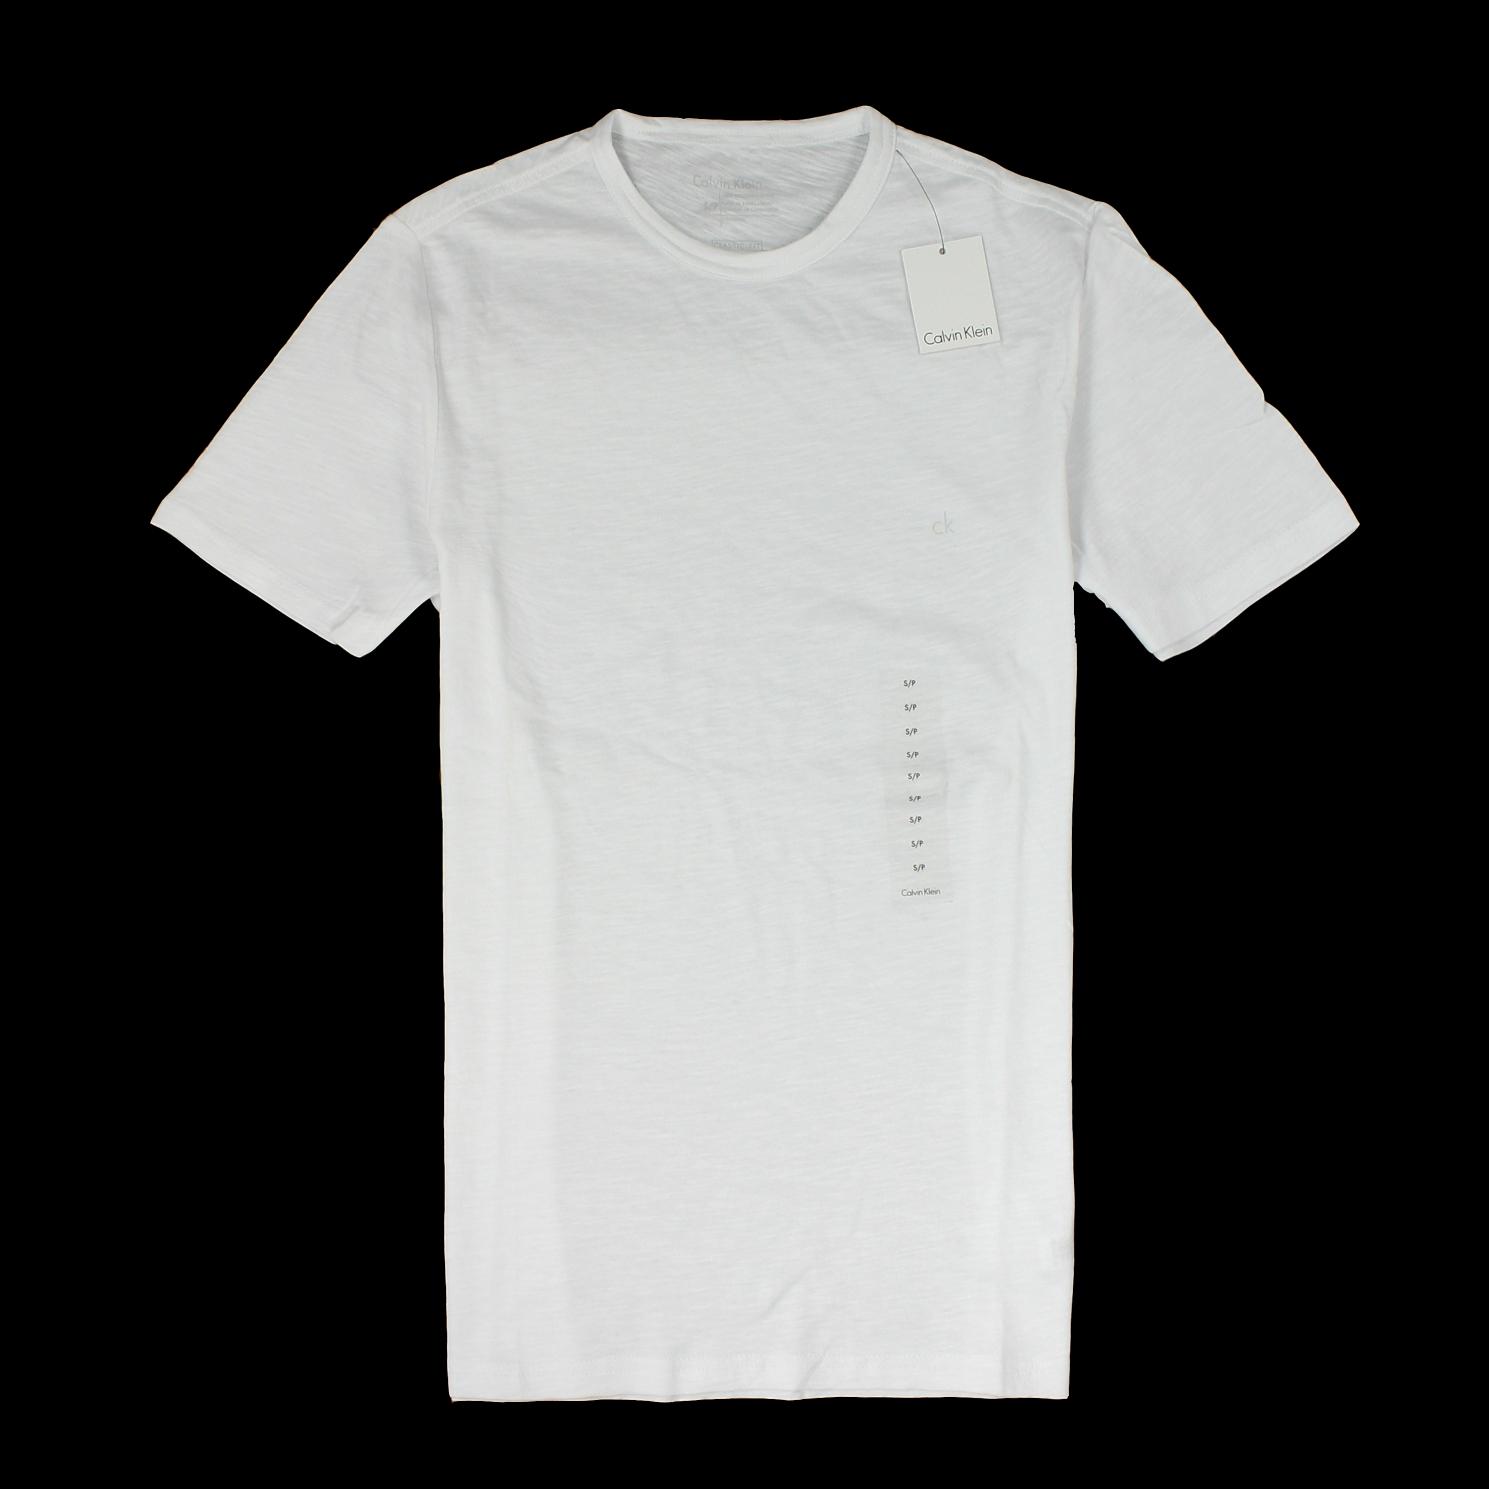 美國百分百【全新真品】Calvin Klein T恤 CK 短袖 上衣 T-shirt 短T 白 素面 圓領 Logo 純棉 男 S號